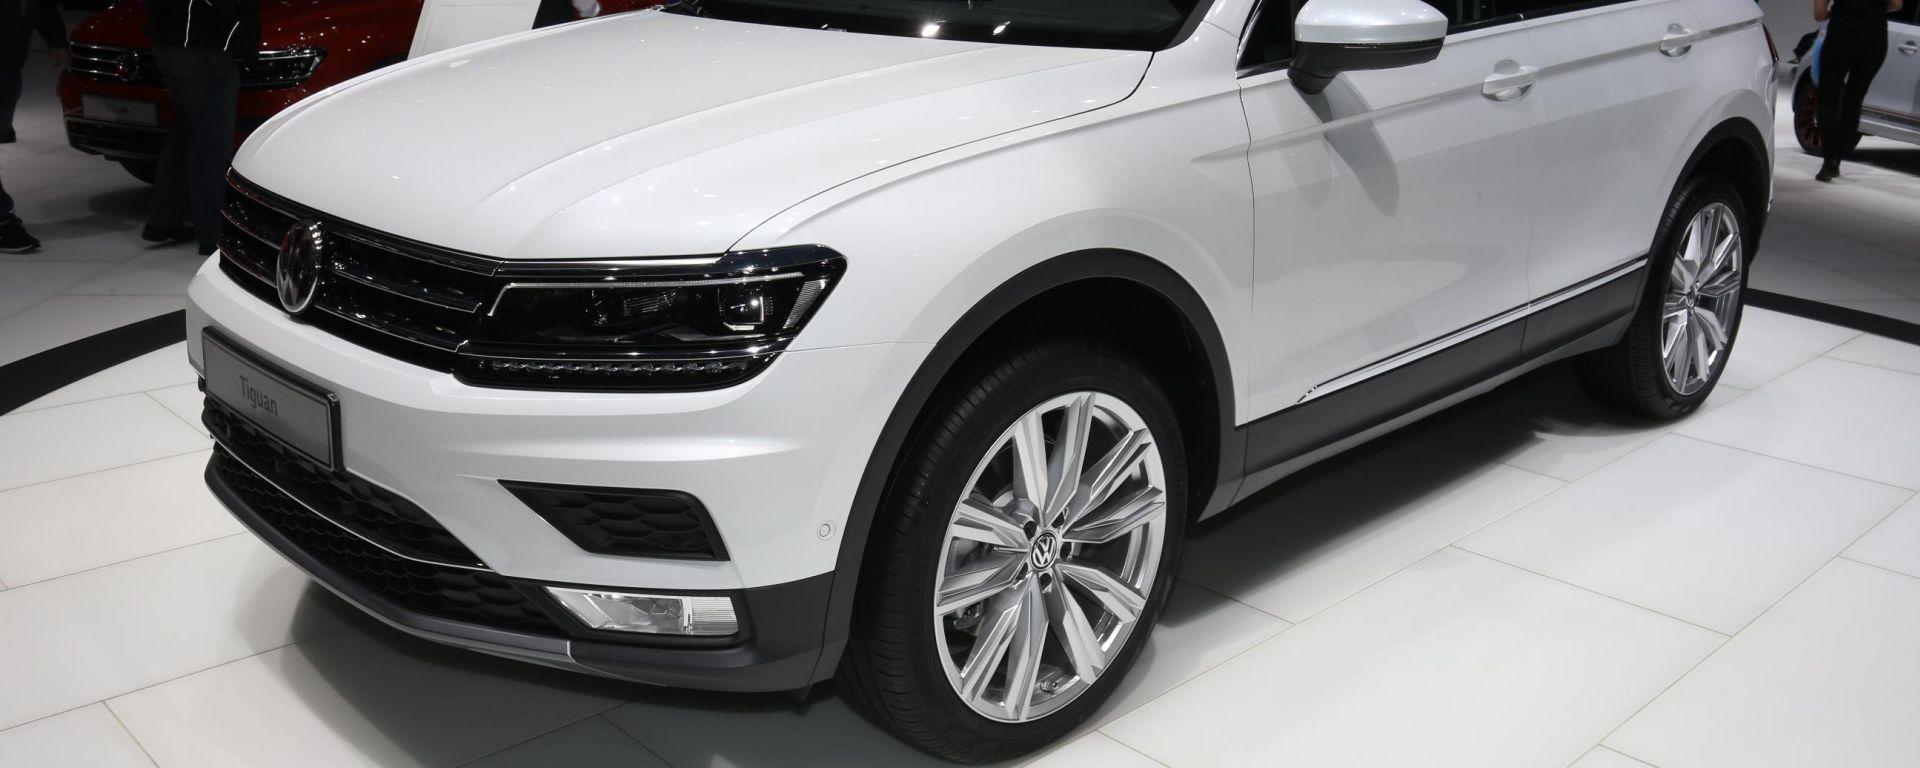 Ginevra 2016 - Notizie dalle Case: Volkswagen